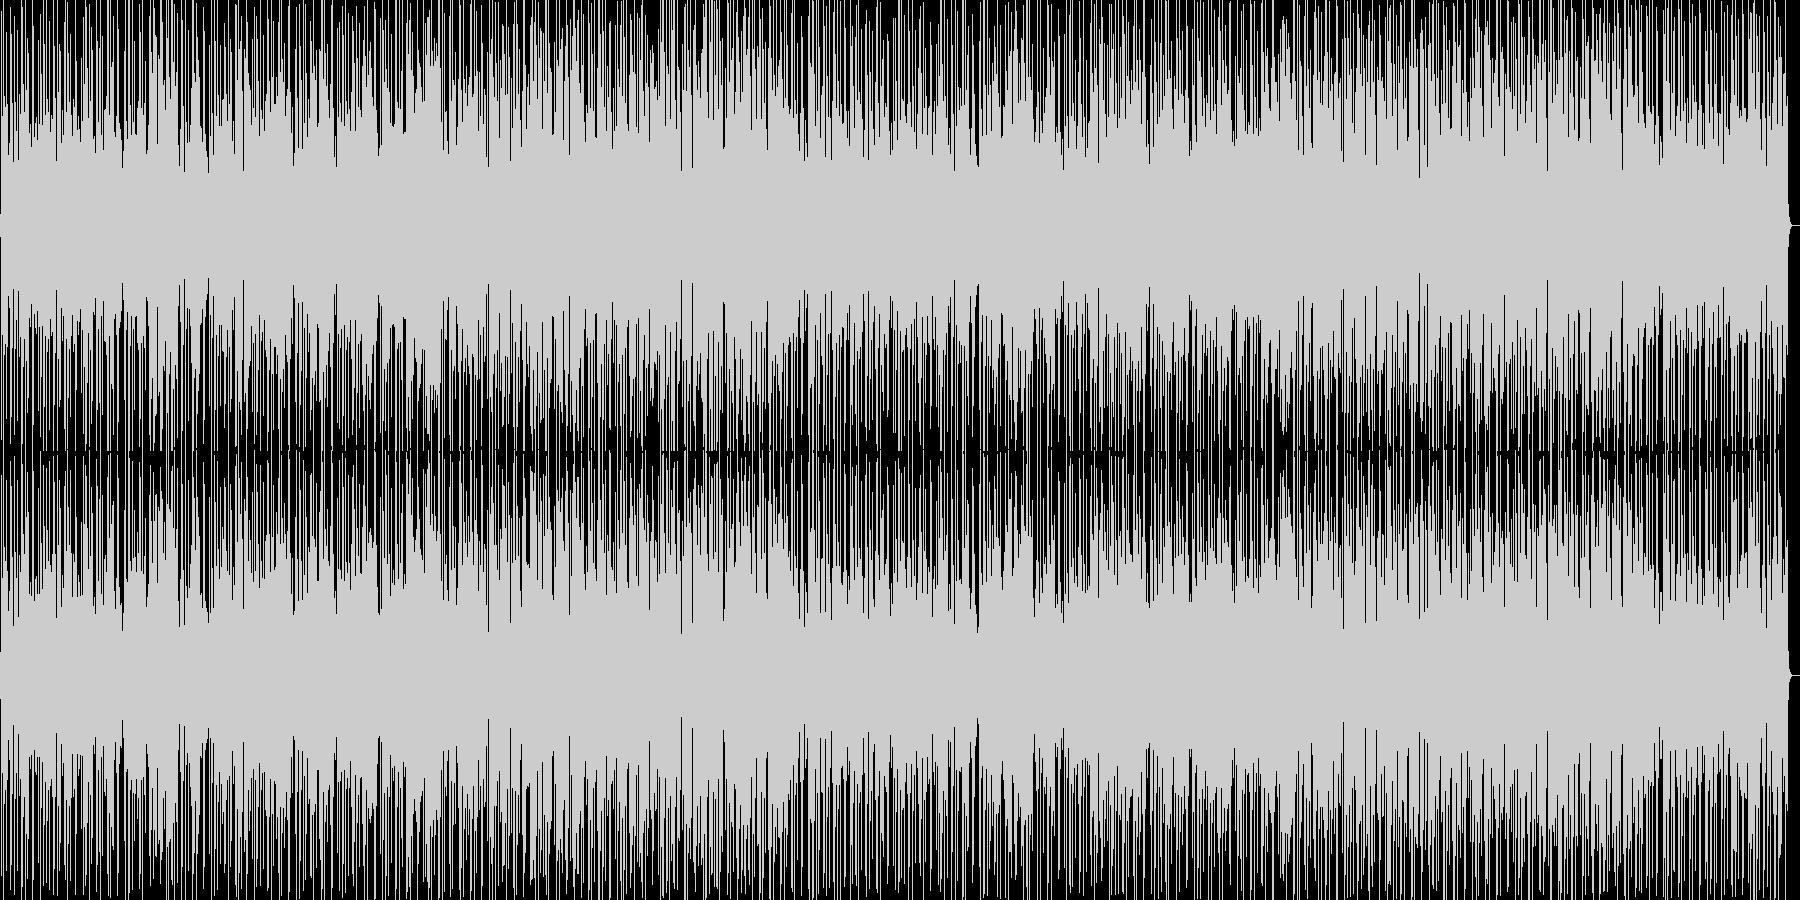 ゆったり穏やかなポップスの未再生の波形